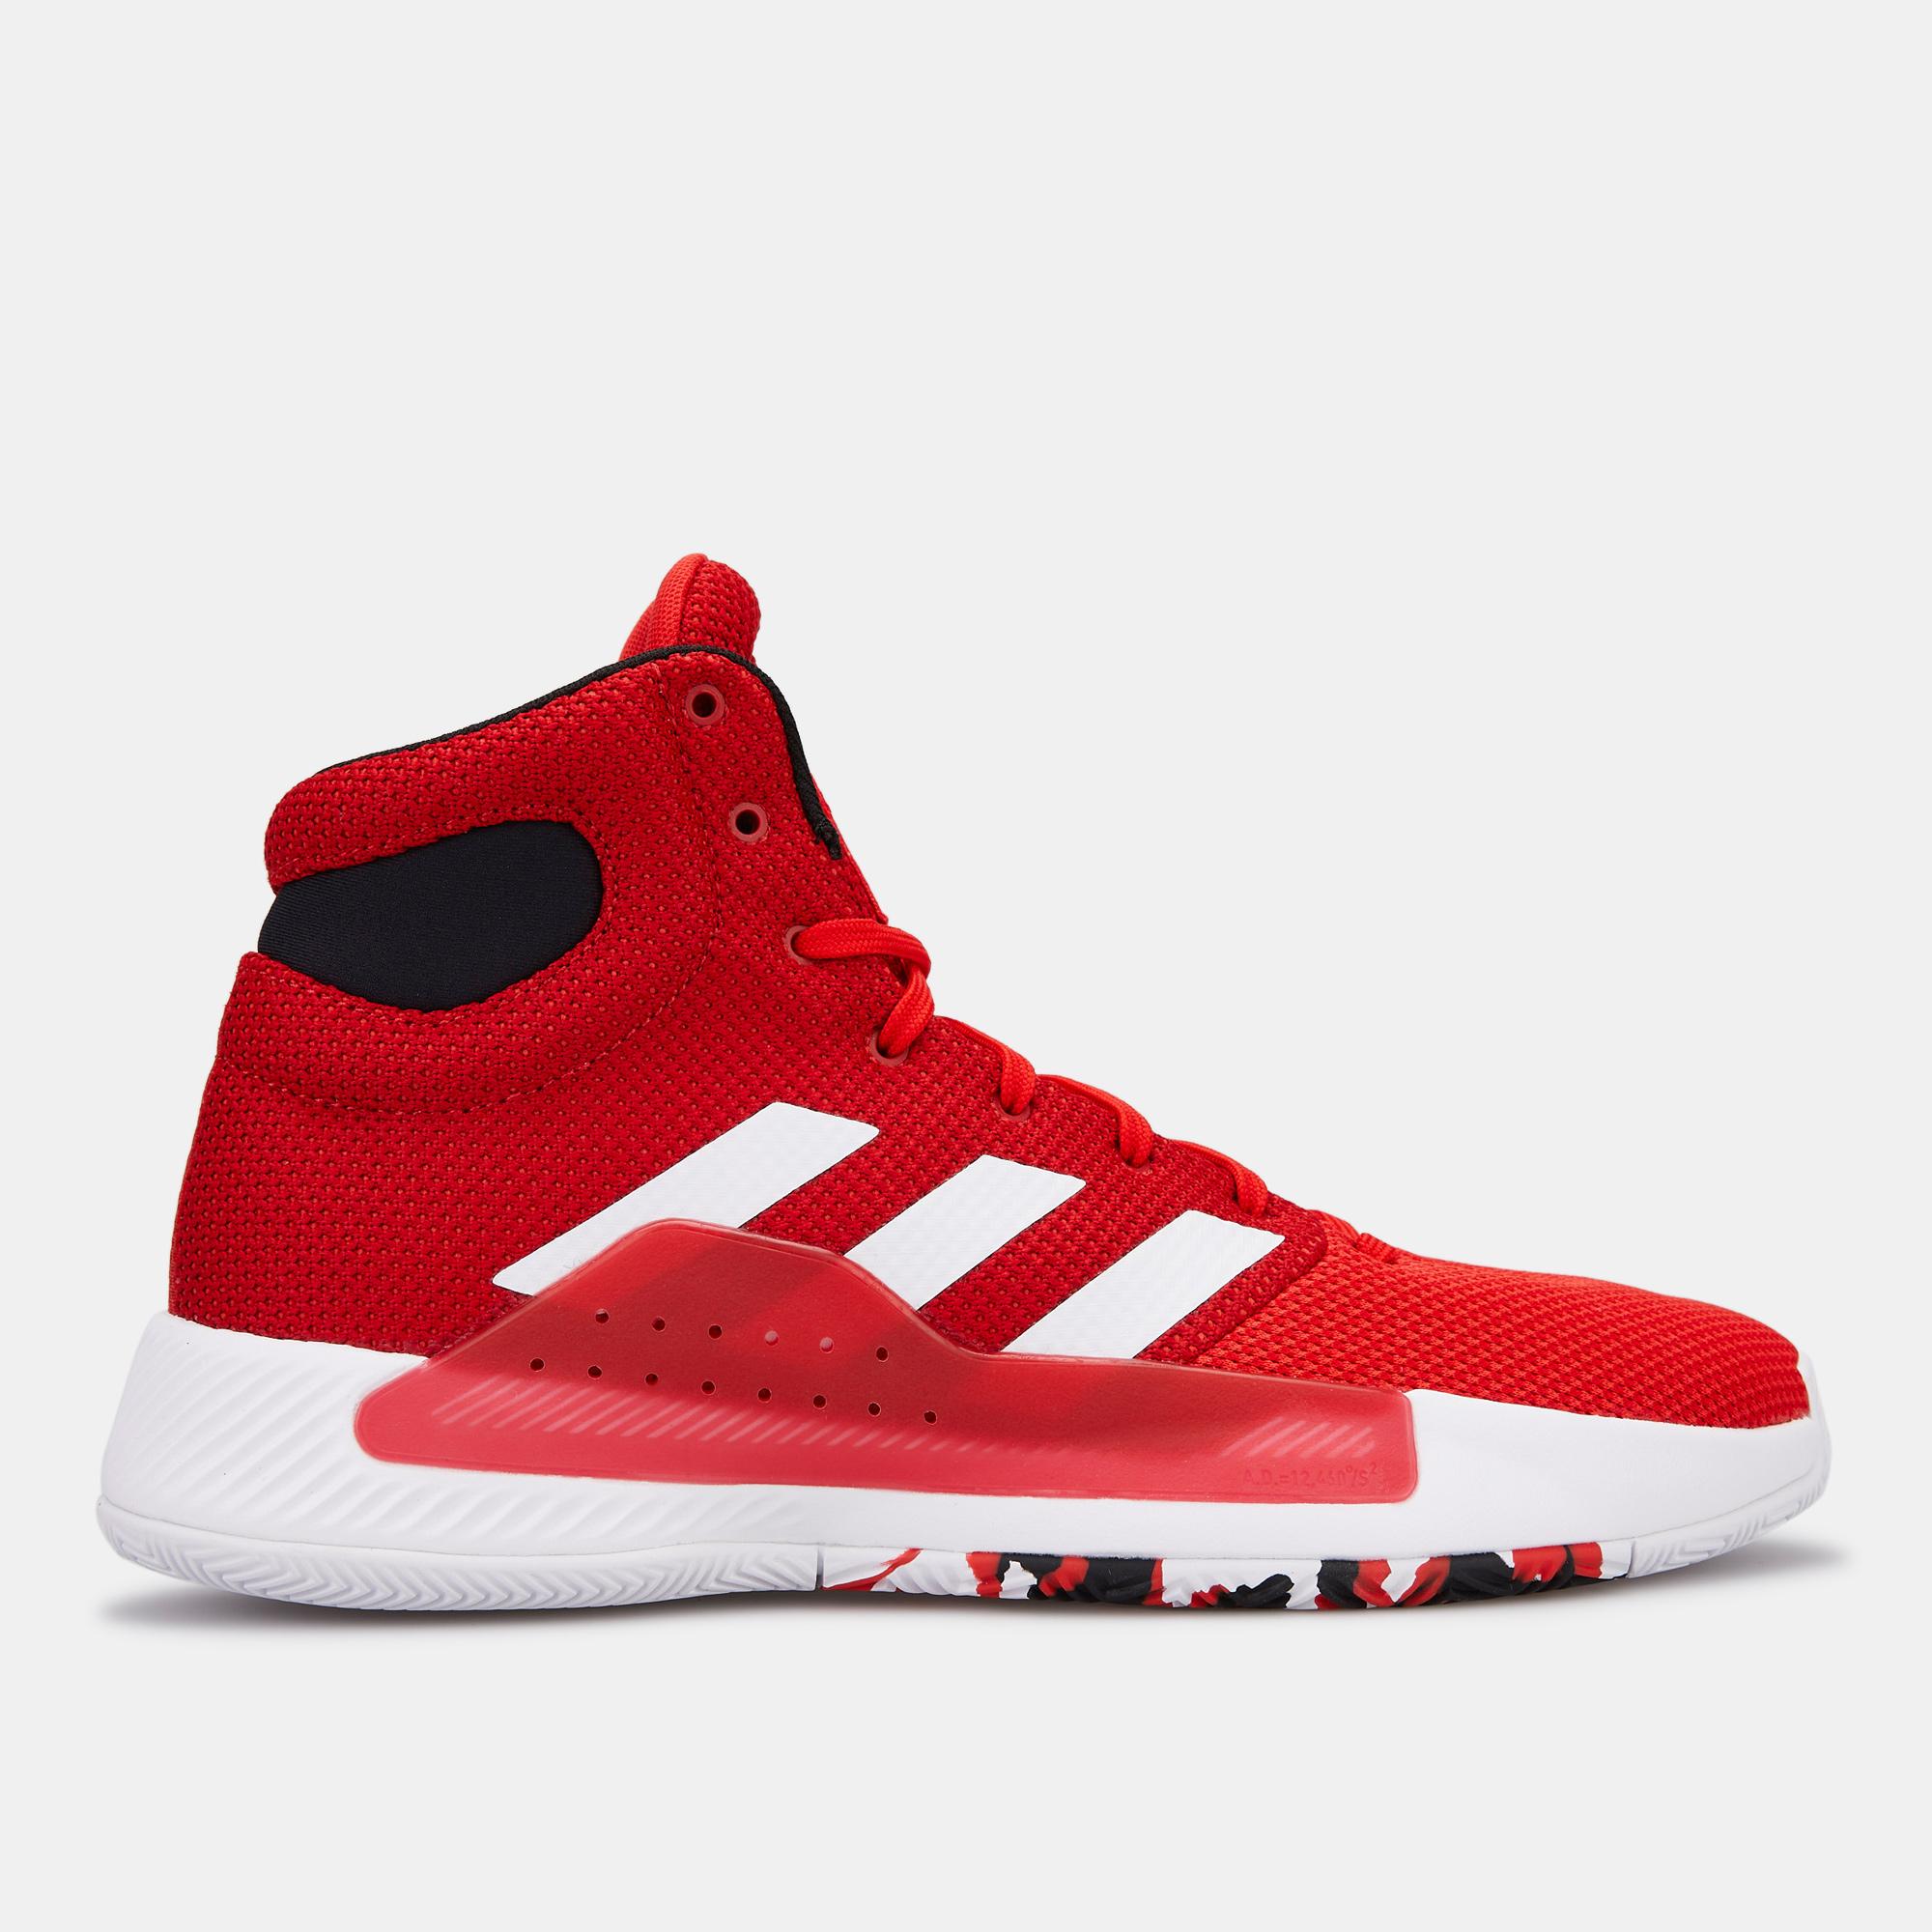 be766fdb1 حذاء كرة السلة برو باونس مادنس 2019 من اديداس للرجال | احذية كرة السلة |  تخفيضات الاحذية للرجال | تخفيضات للرجال | تخفيضات | سن أند ساند سبورتس